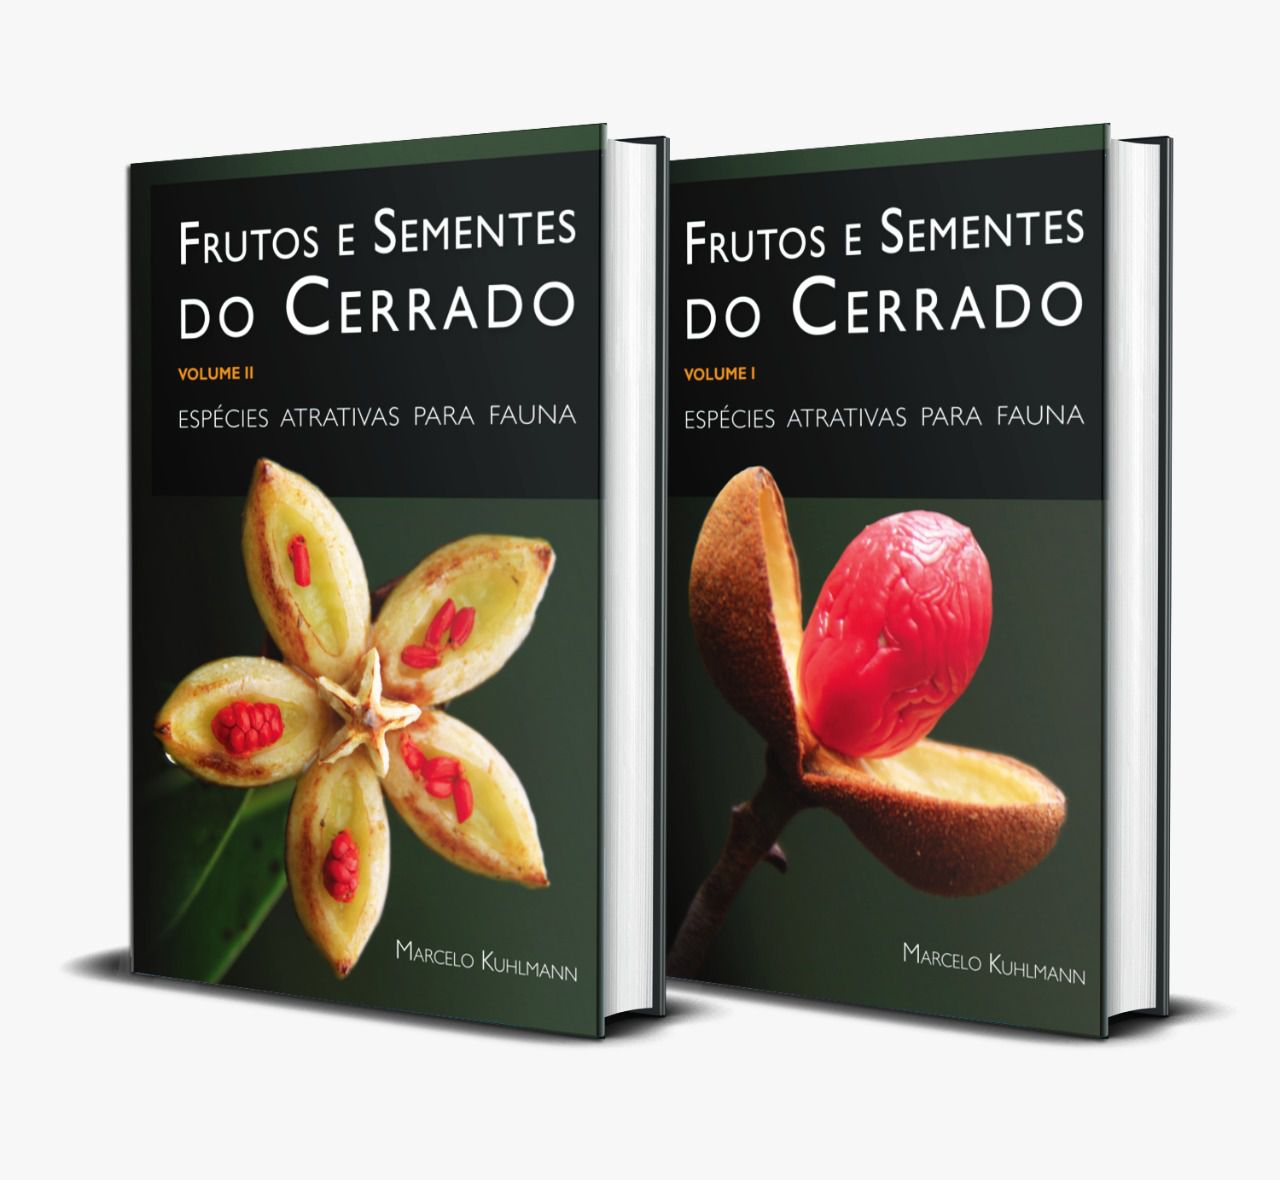 FRUTOS E SEMENTES DO CERRADO - VOLUMES I E II